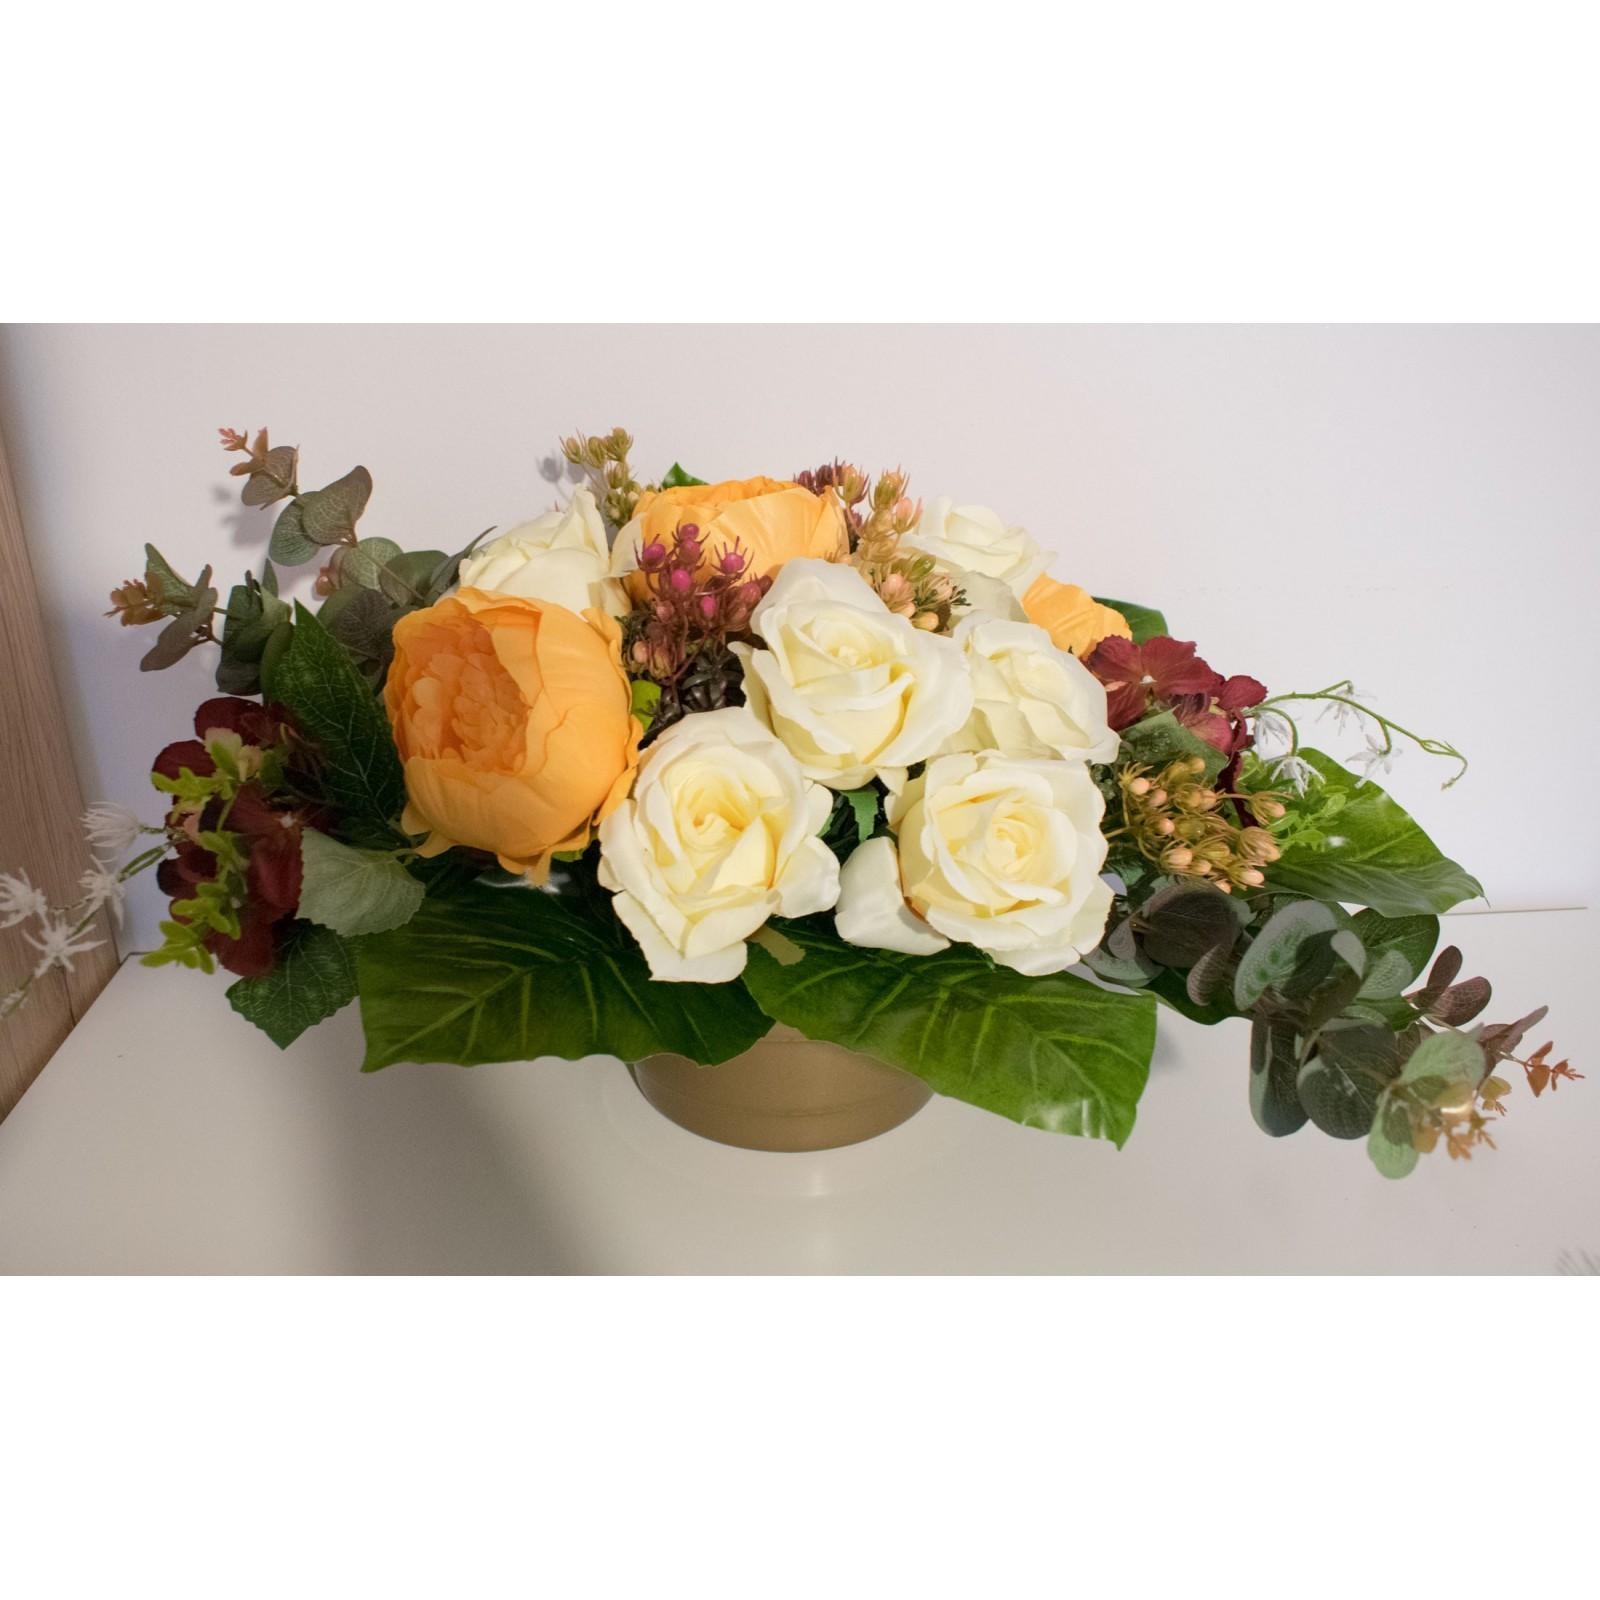 KOMPOZYCJA NAGROBNA sztuczna kwiatowa - Piękny STROIK